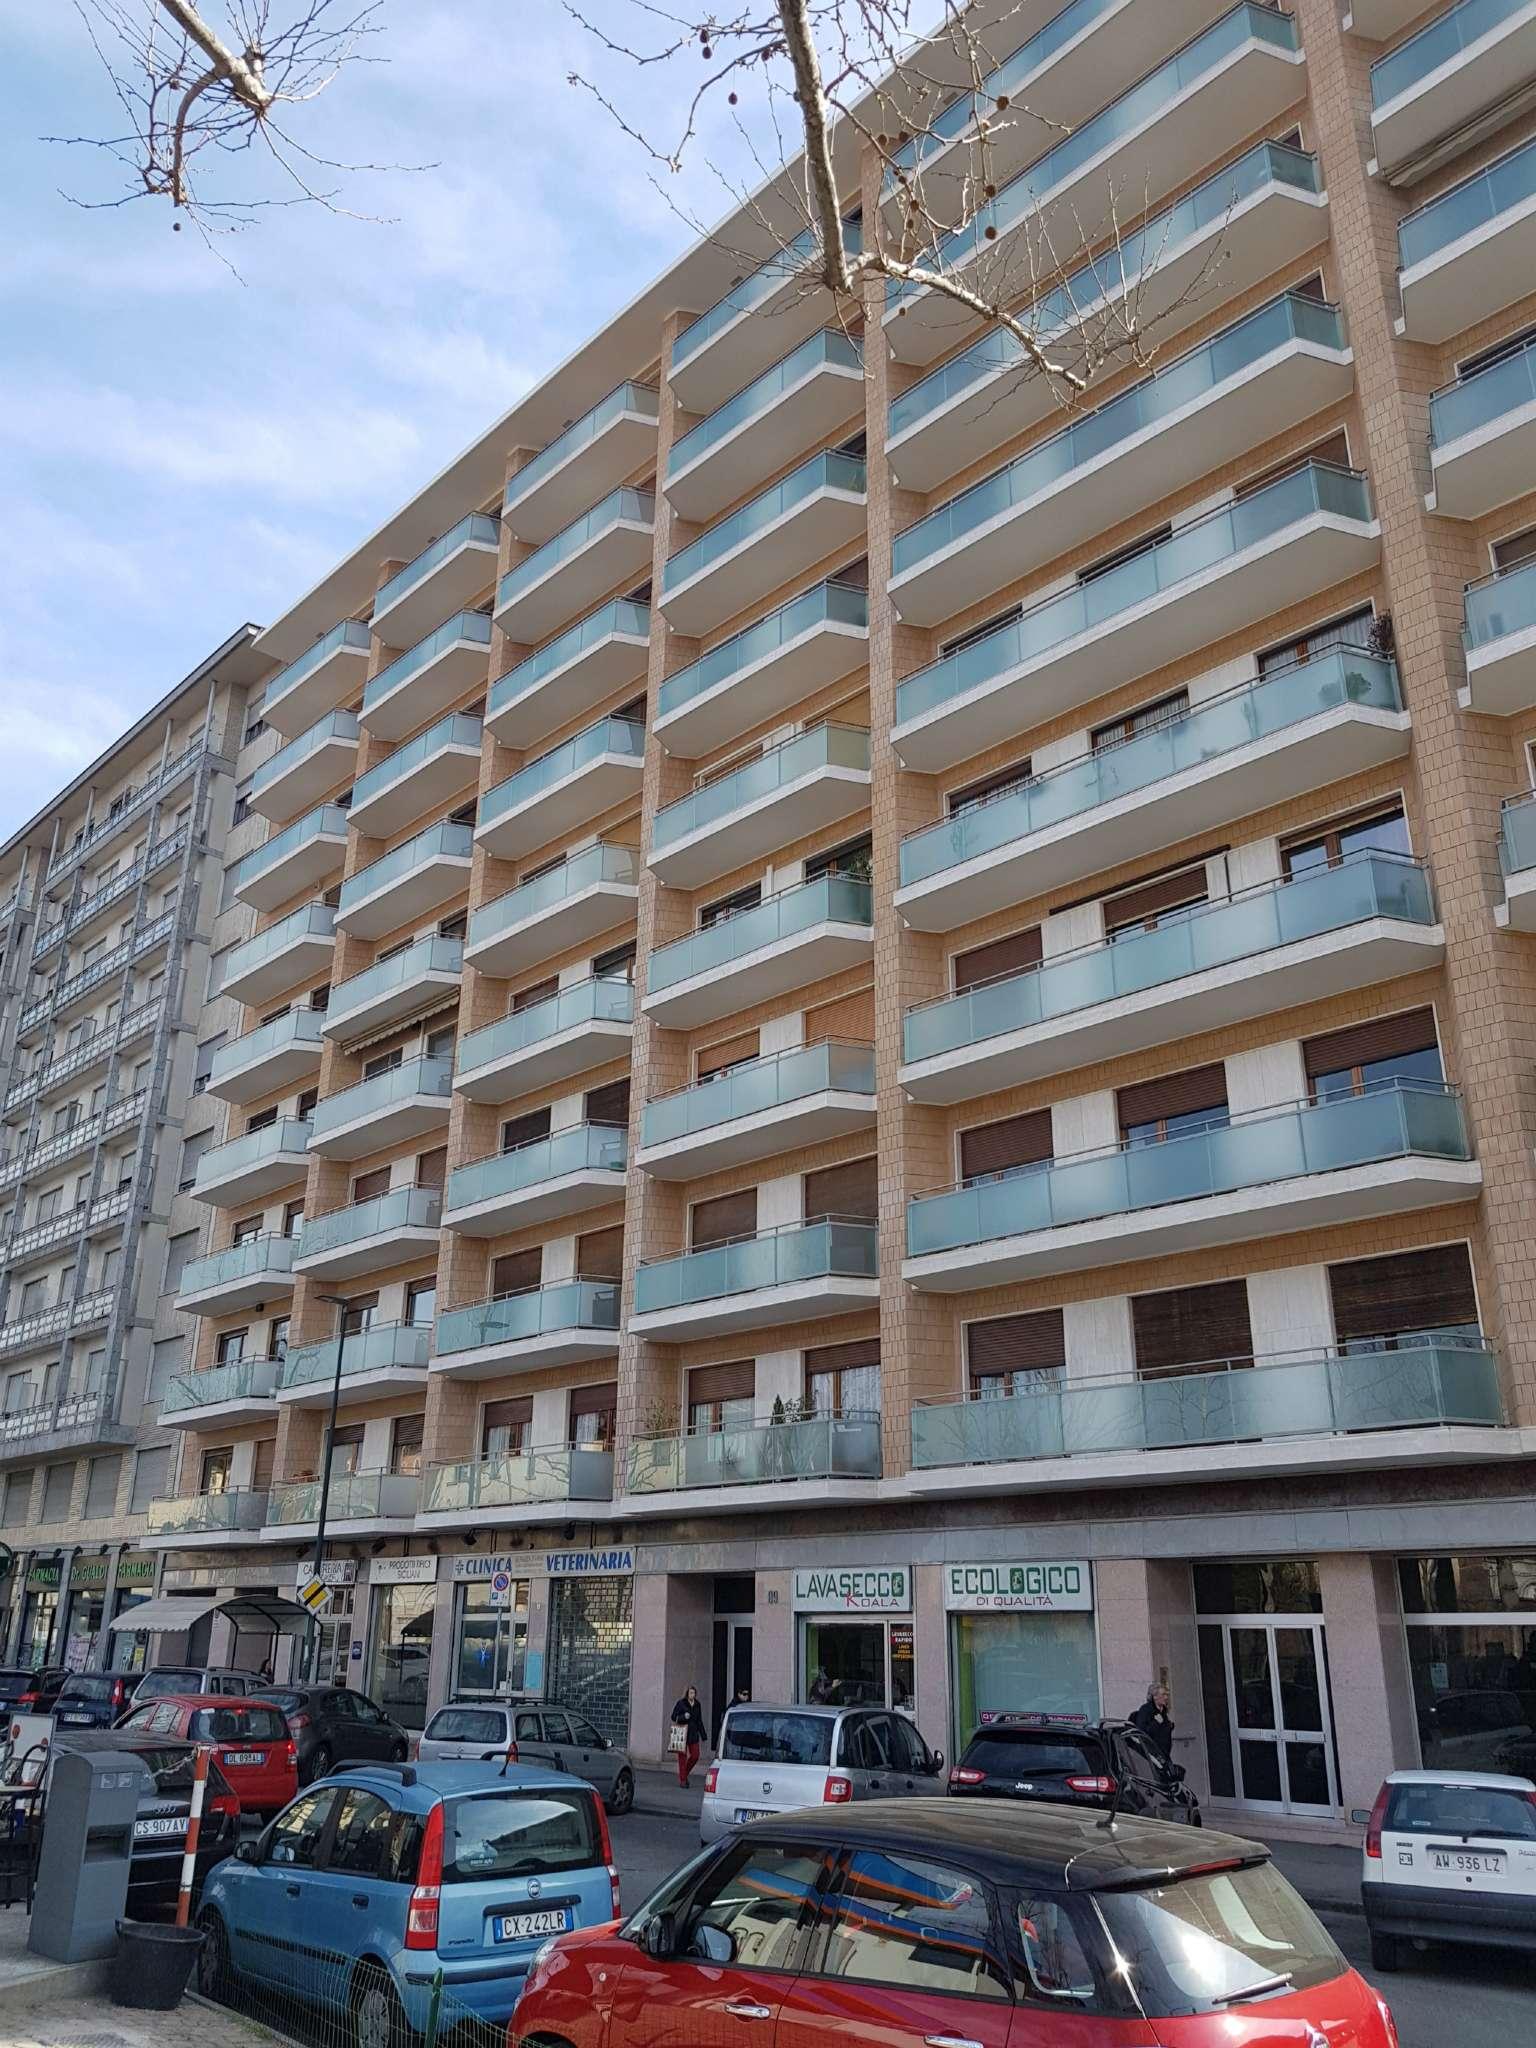 Vendita - Appartamento - Torino - Lingotto Molinette - Signorile ristrutturato- Ampio Trilocale